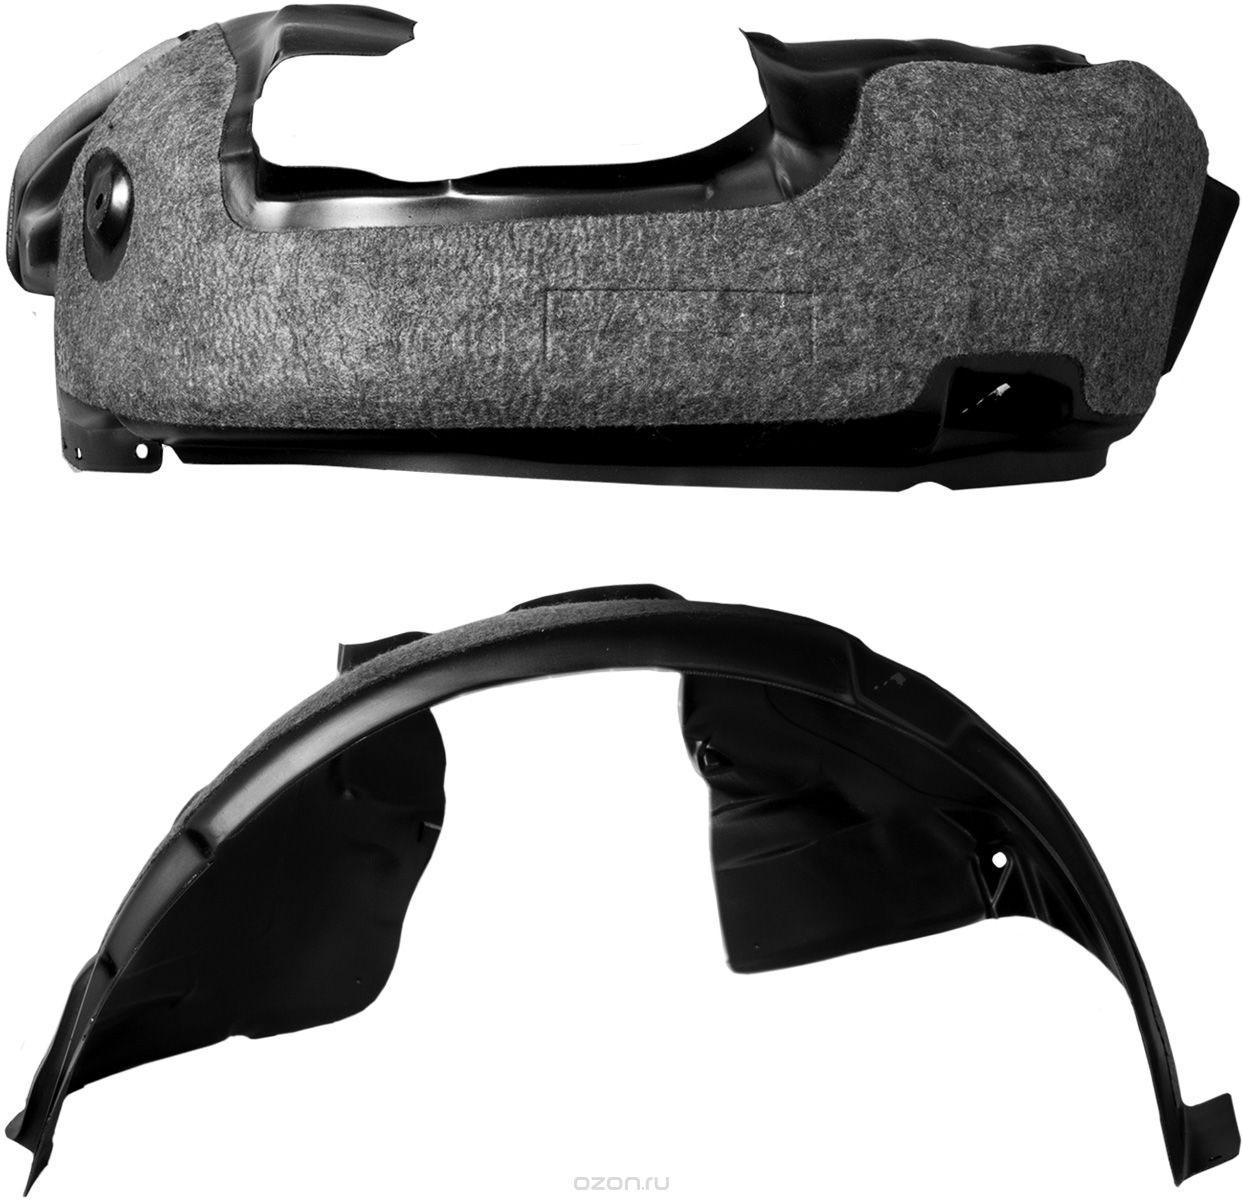 Подкрылок Novline-Autofamily с шумоизоляцией, для Geely X7, 2013->, задний правыйNLS.75.07.004Идеальная защита колесной ниши. Локеры разработаны с применением цифровых технологий, гарантируют максимальную повторяемость поверхности арки. Изделия устанавливаются без нарушения лакокрасочного покрытия автомобиля, каждый подкрылок комплектуется крепежом. Уважаемые клиенты, обращаем ваше внимание, что фотографии на подкрылки универсальные и не отражают реальную форму изделия. При этом само изделие идет точно под размер указанного автомобиля.